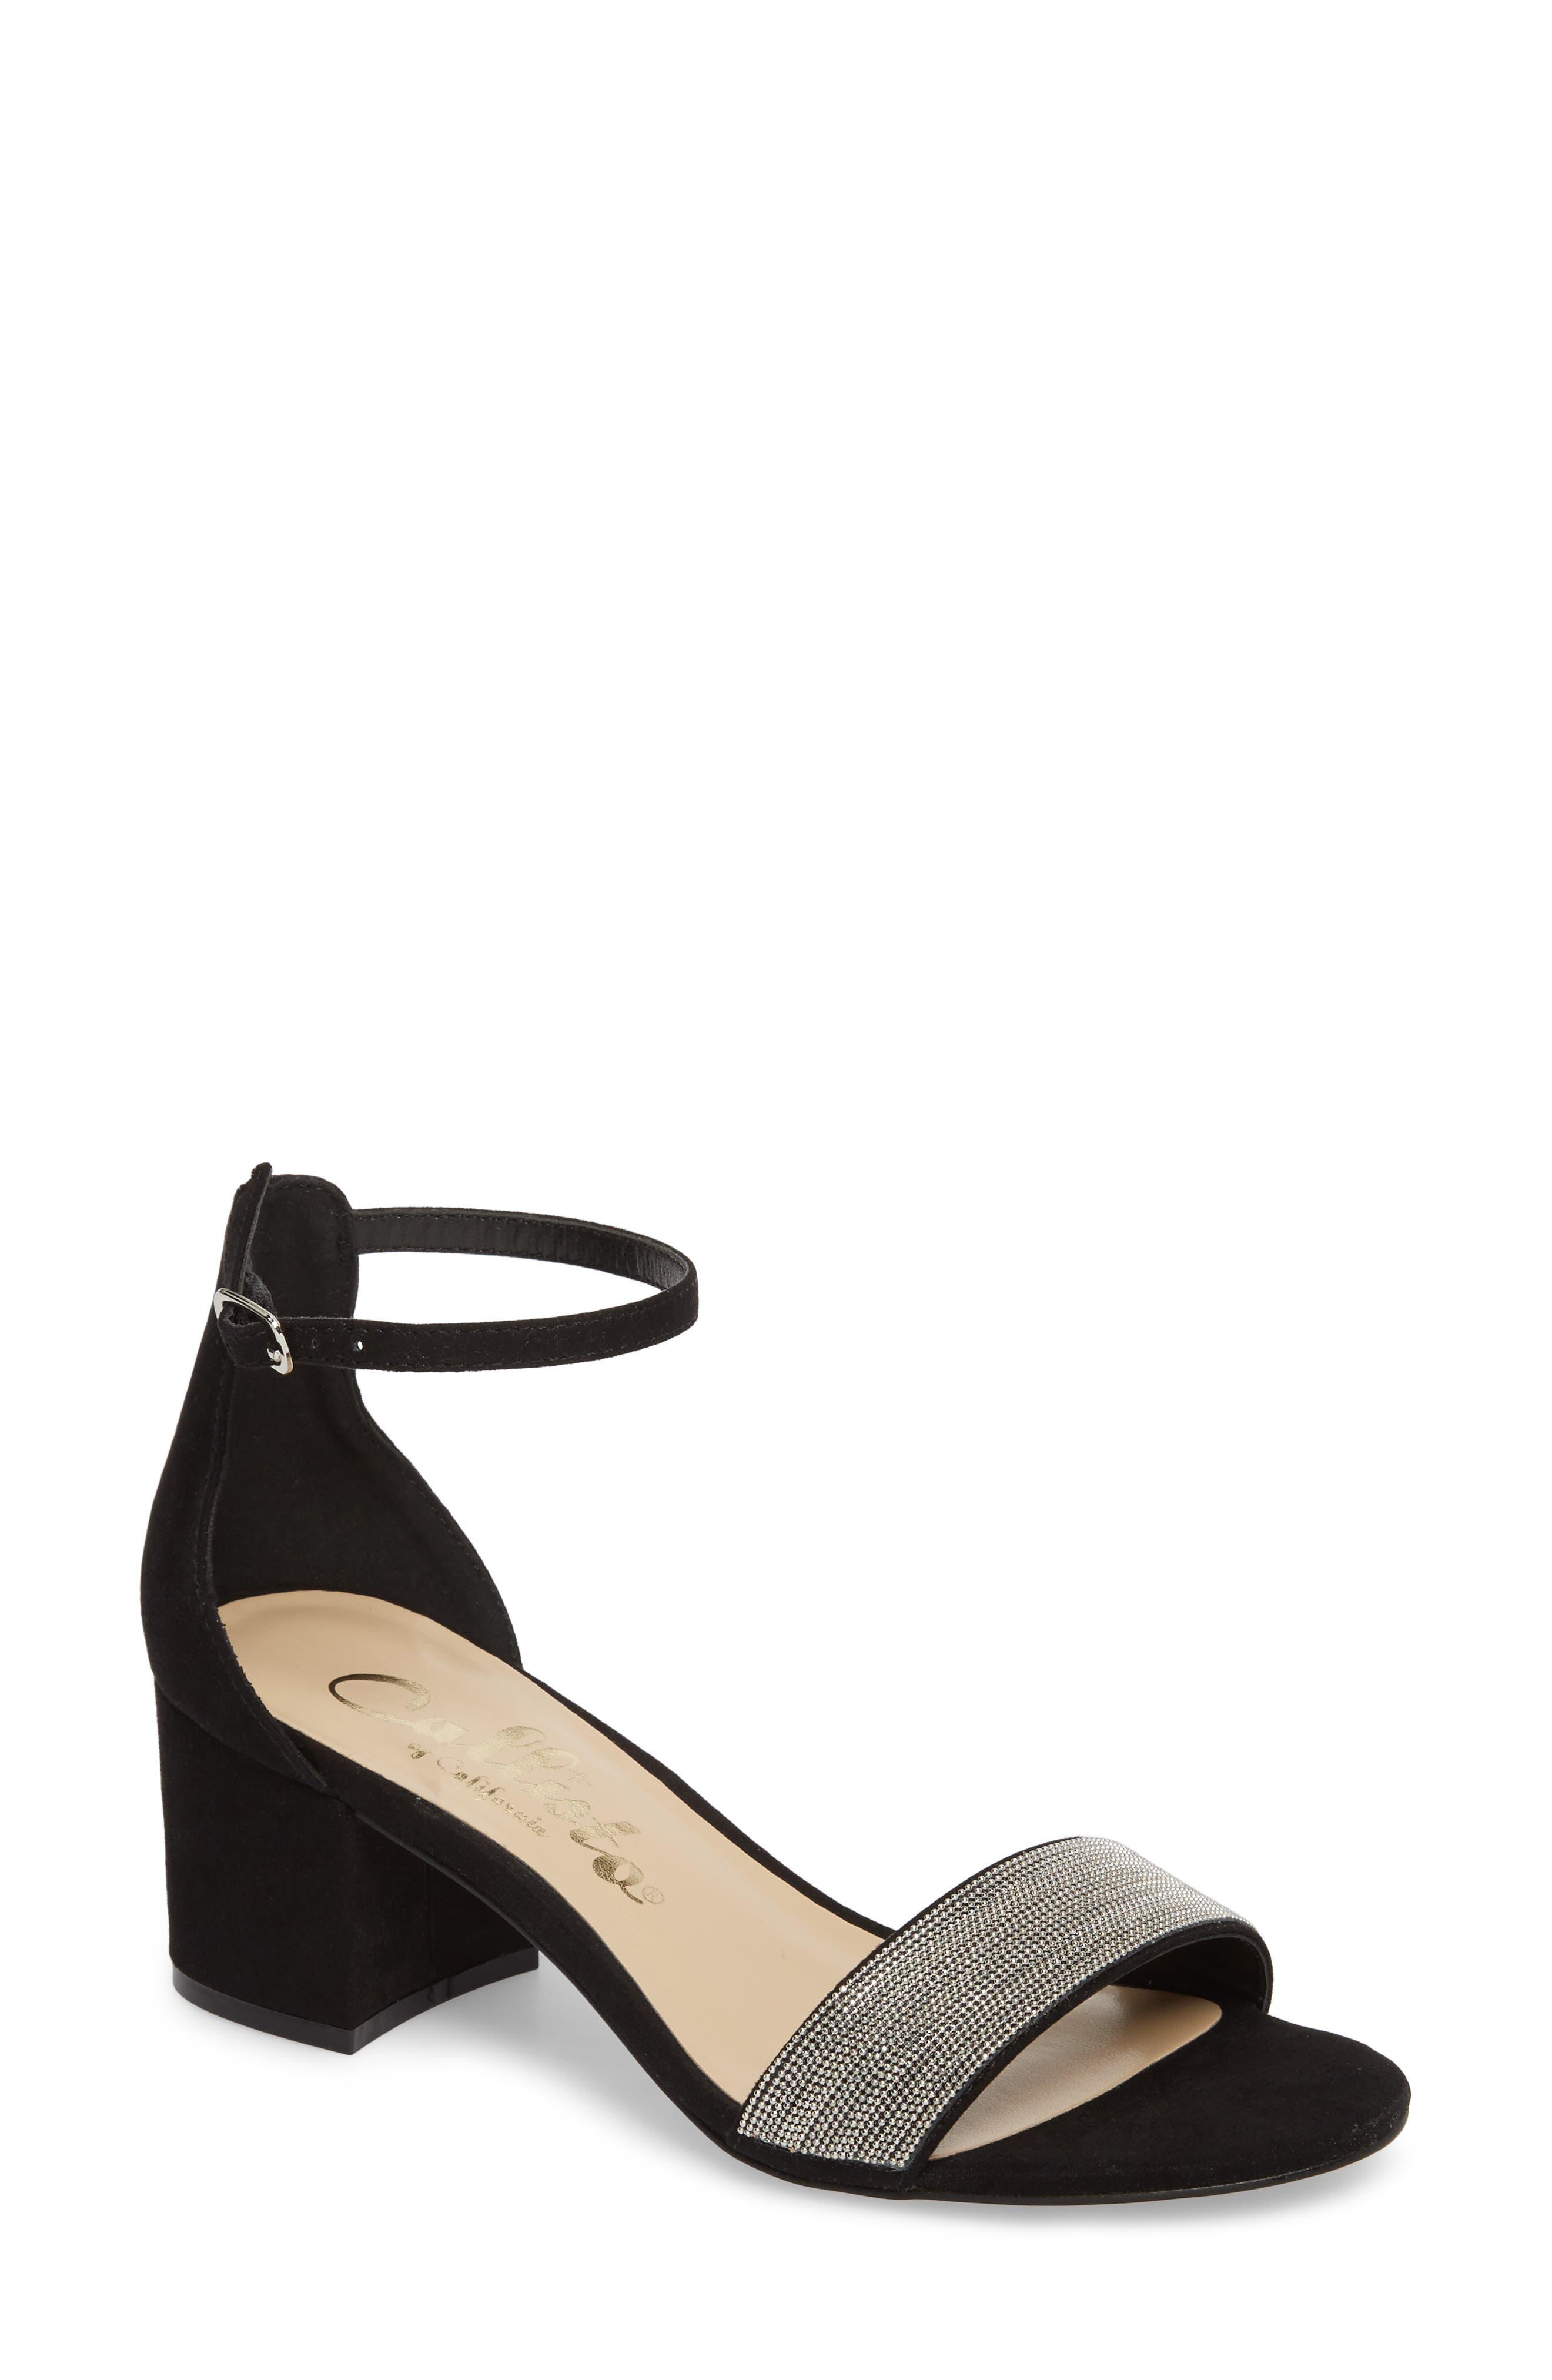 Jazmine Ankle Strap Sandal,                         Main,                         color, Black Suede